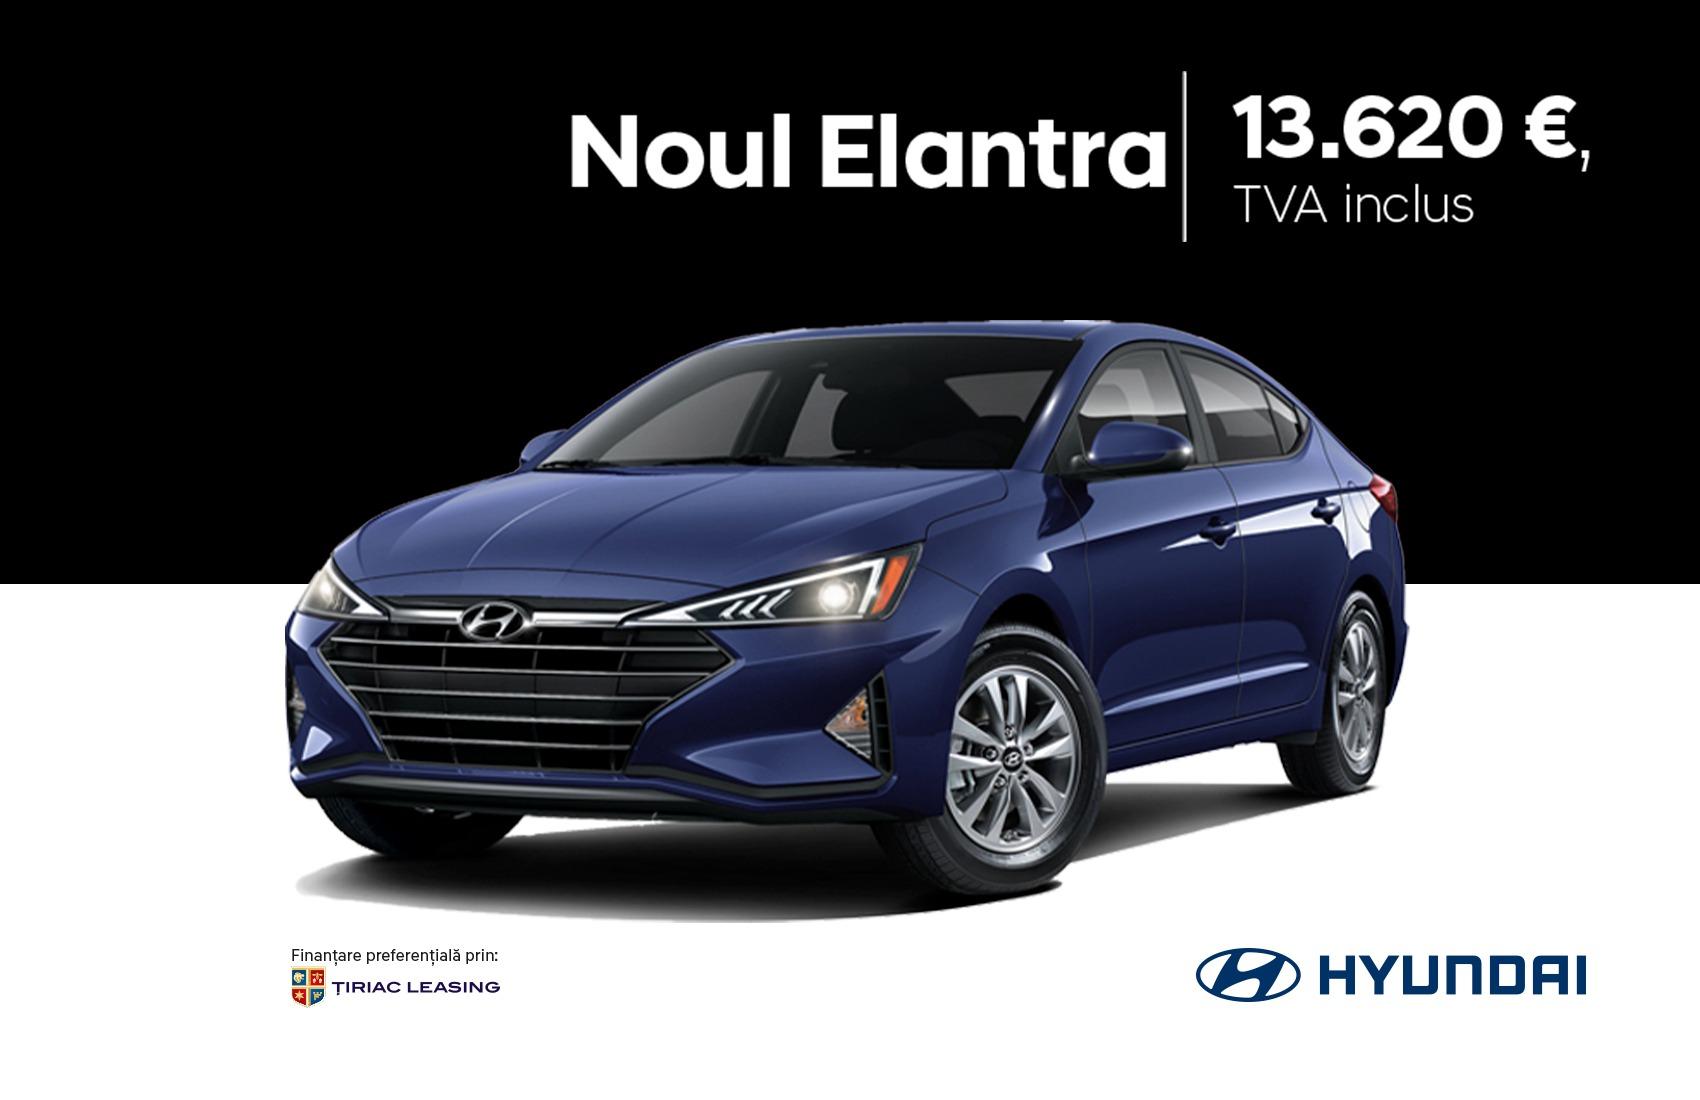 Descopera noul Hyundai Elantra